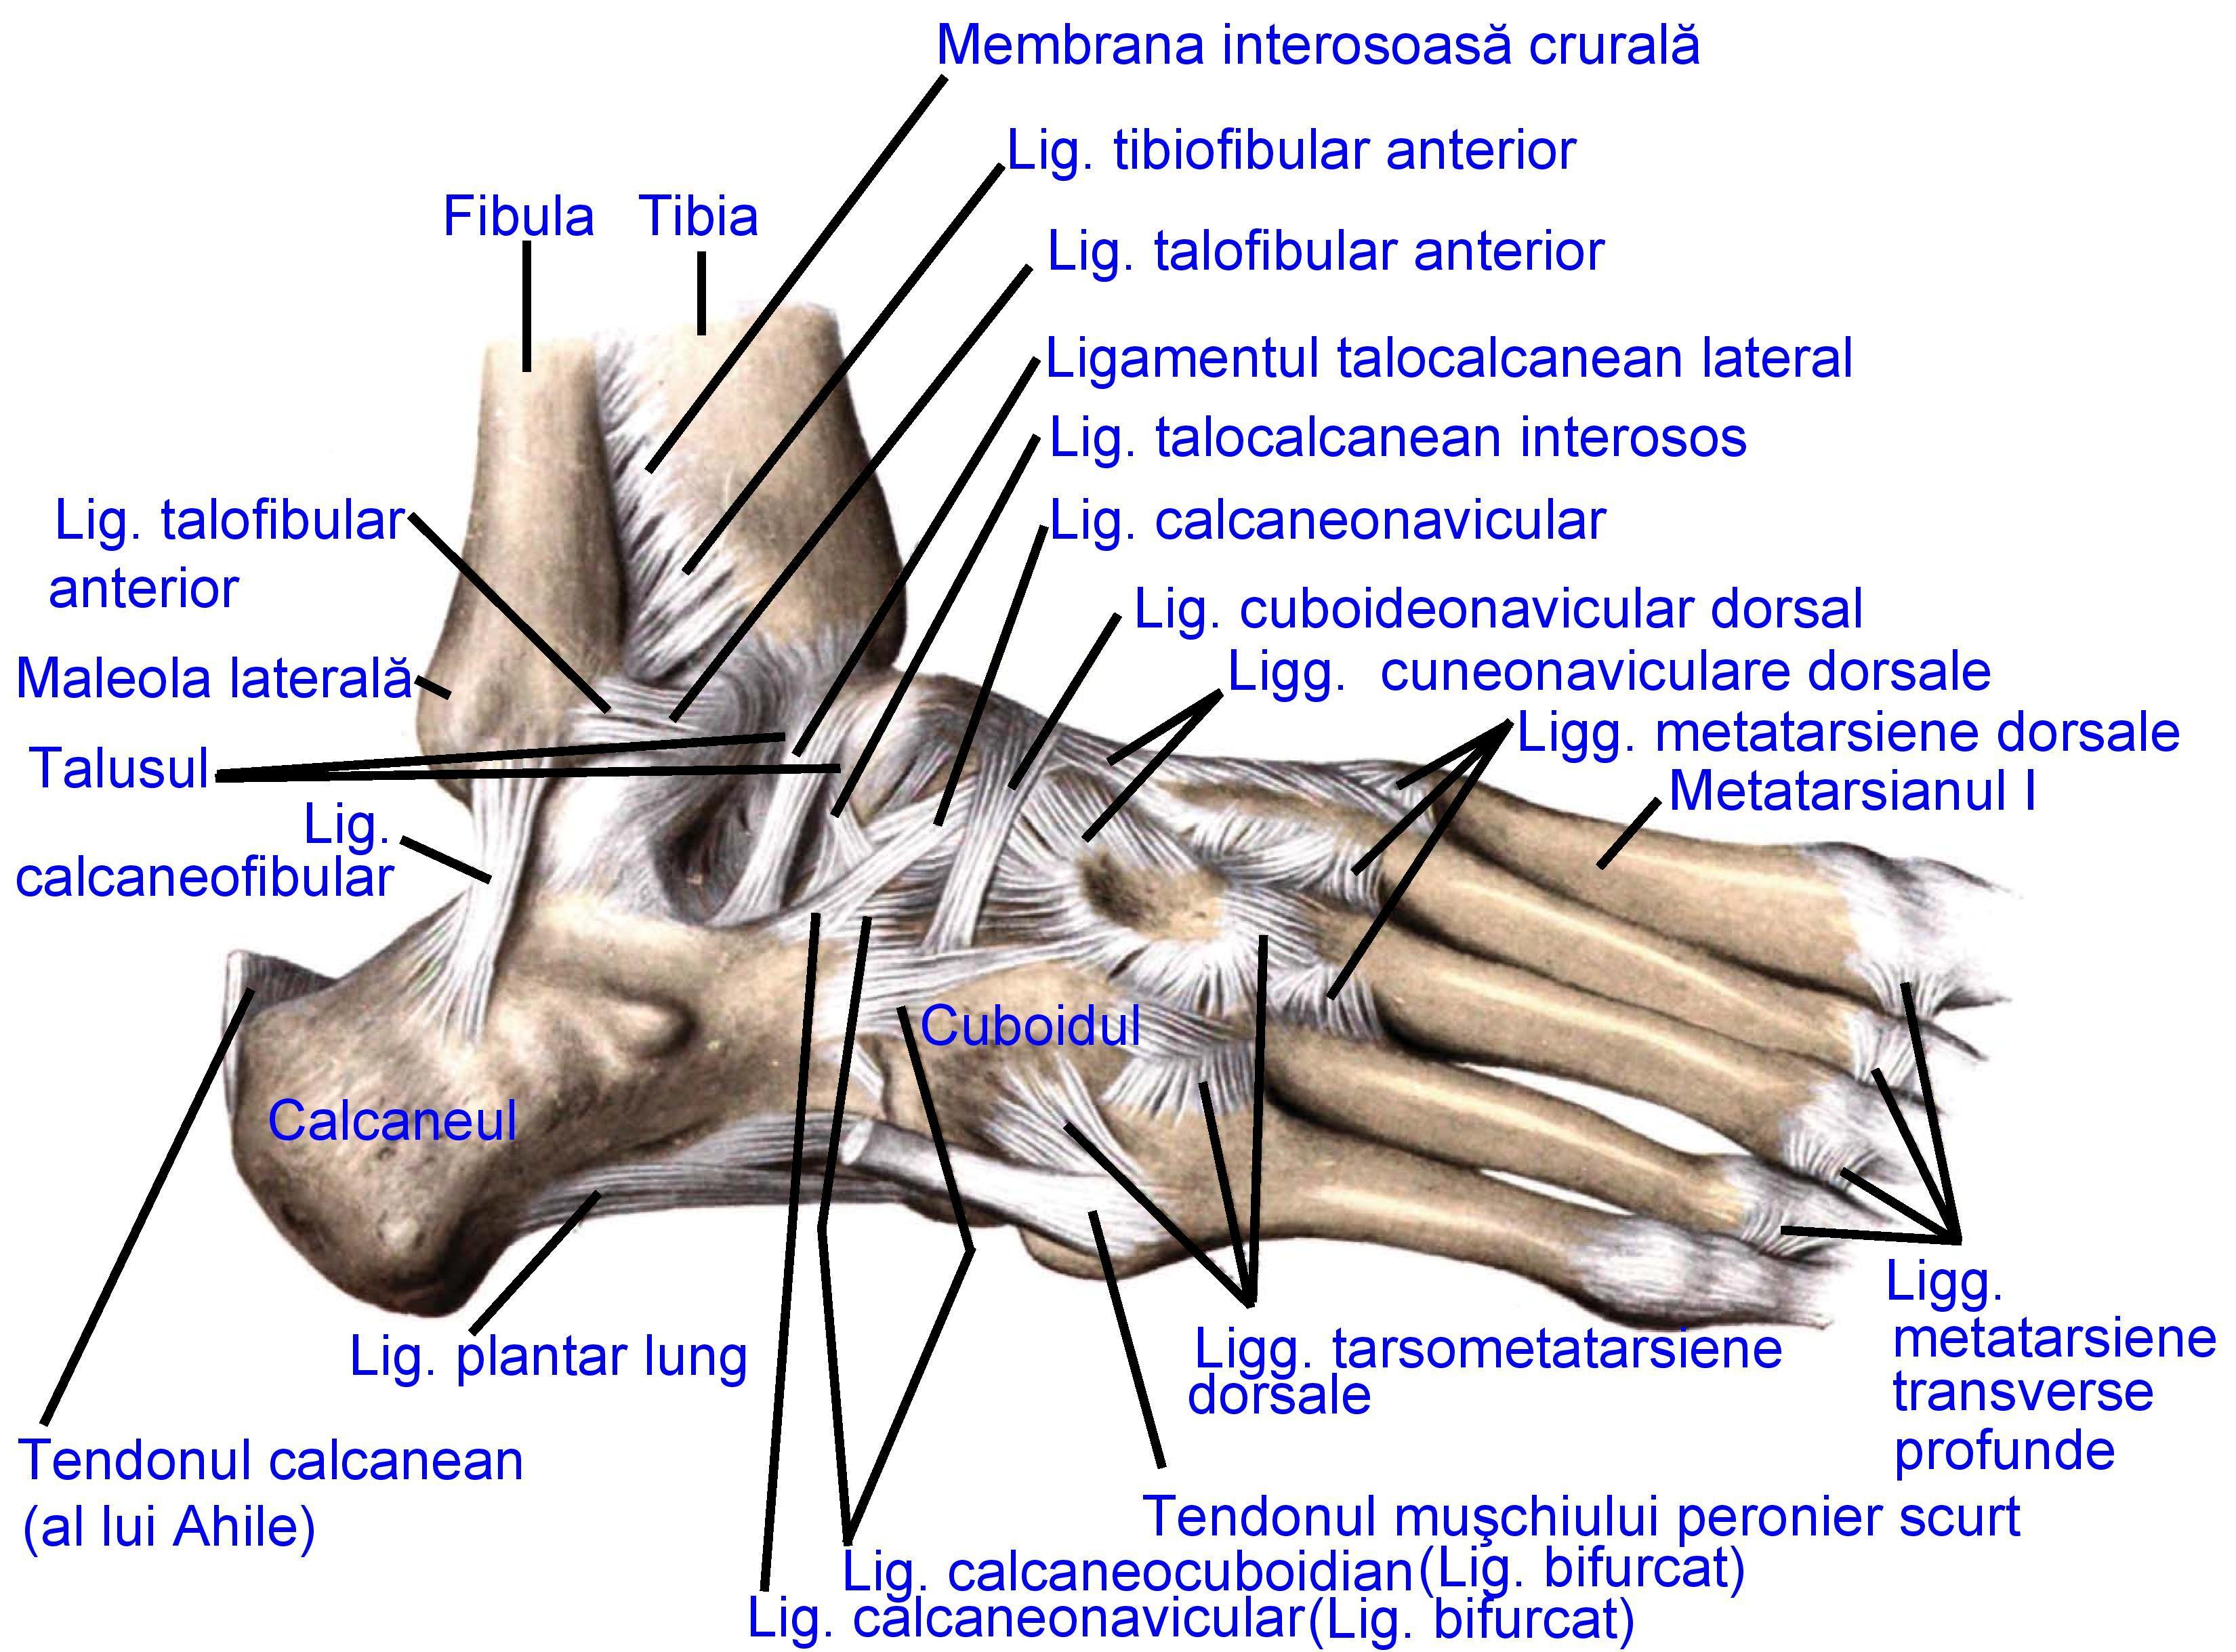 Ligamentul talocalcanean lateral - Wikipedia